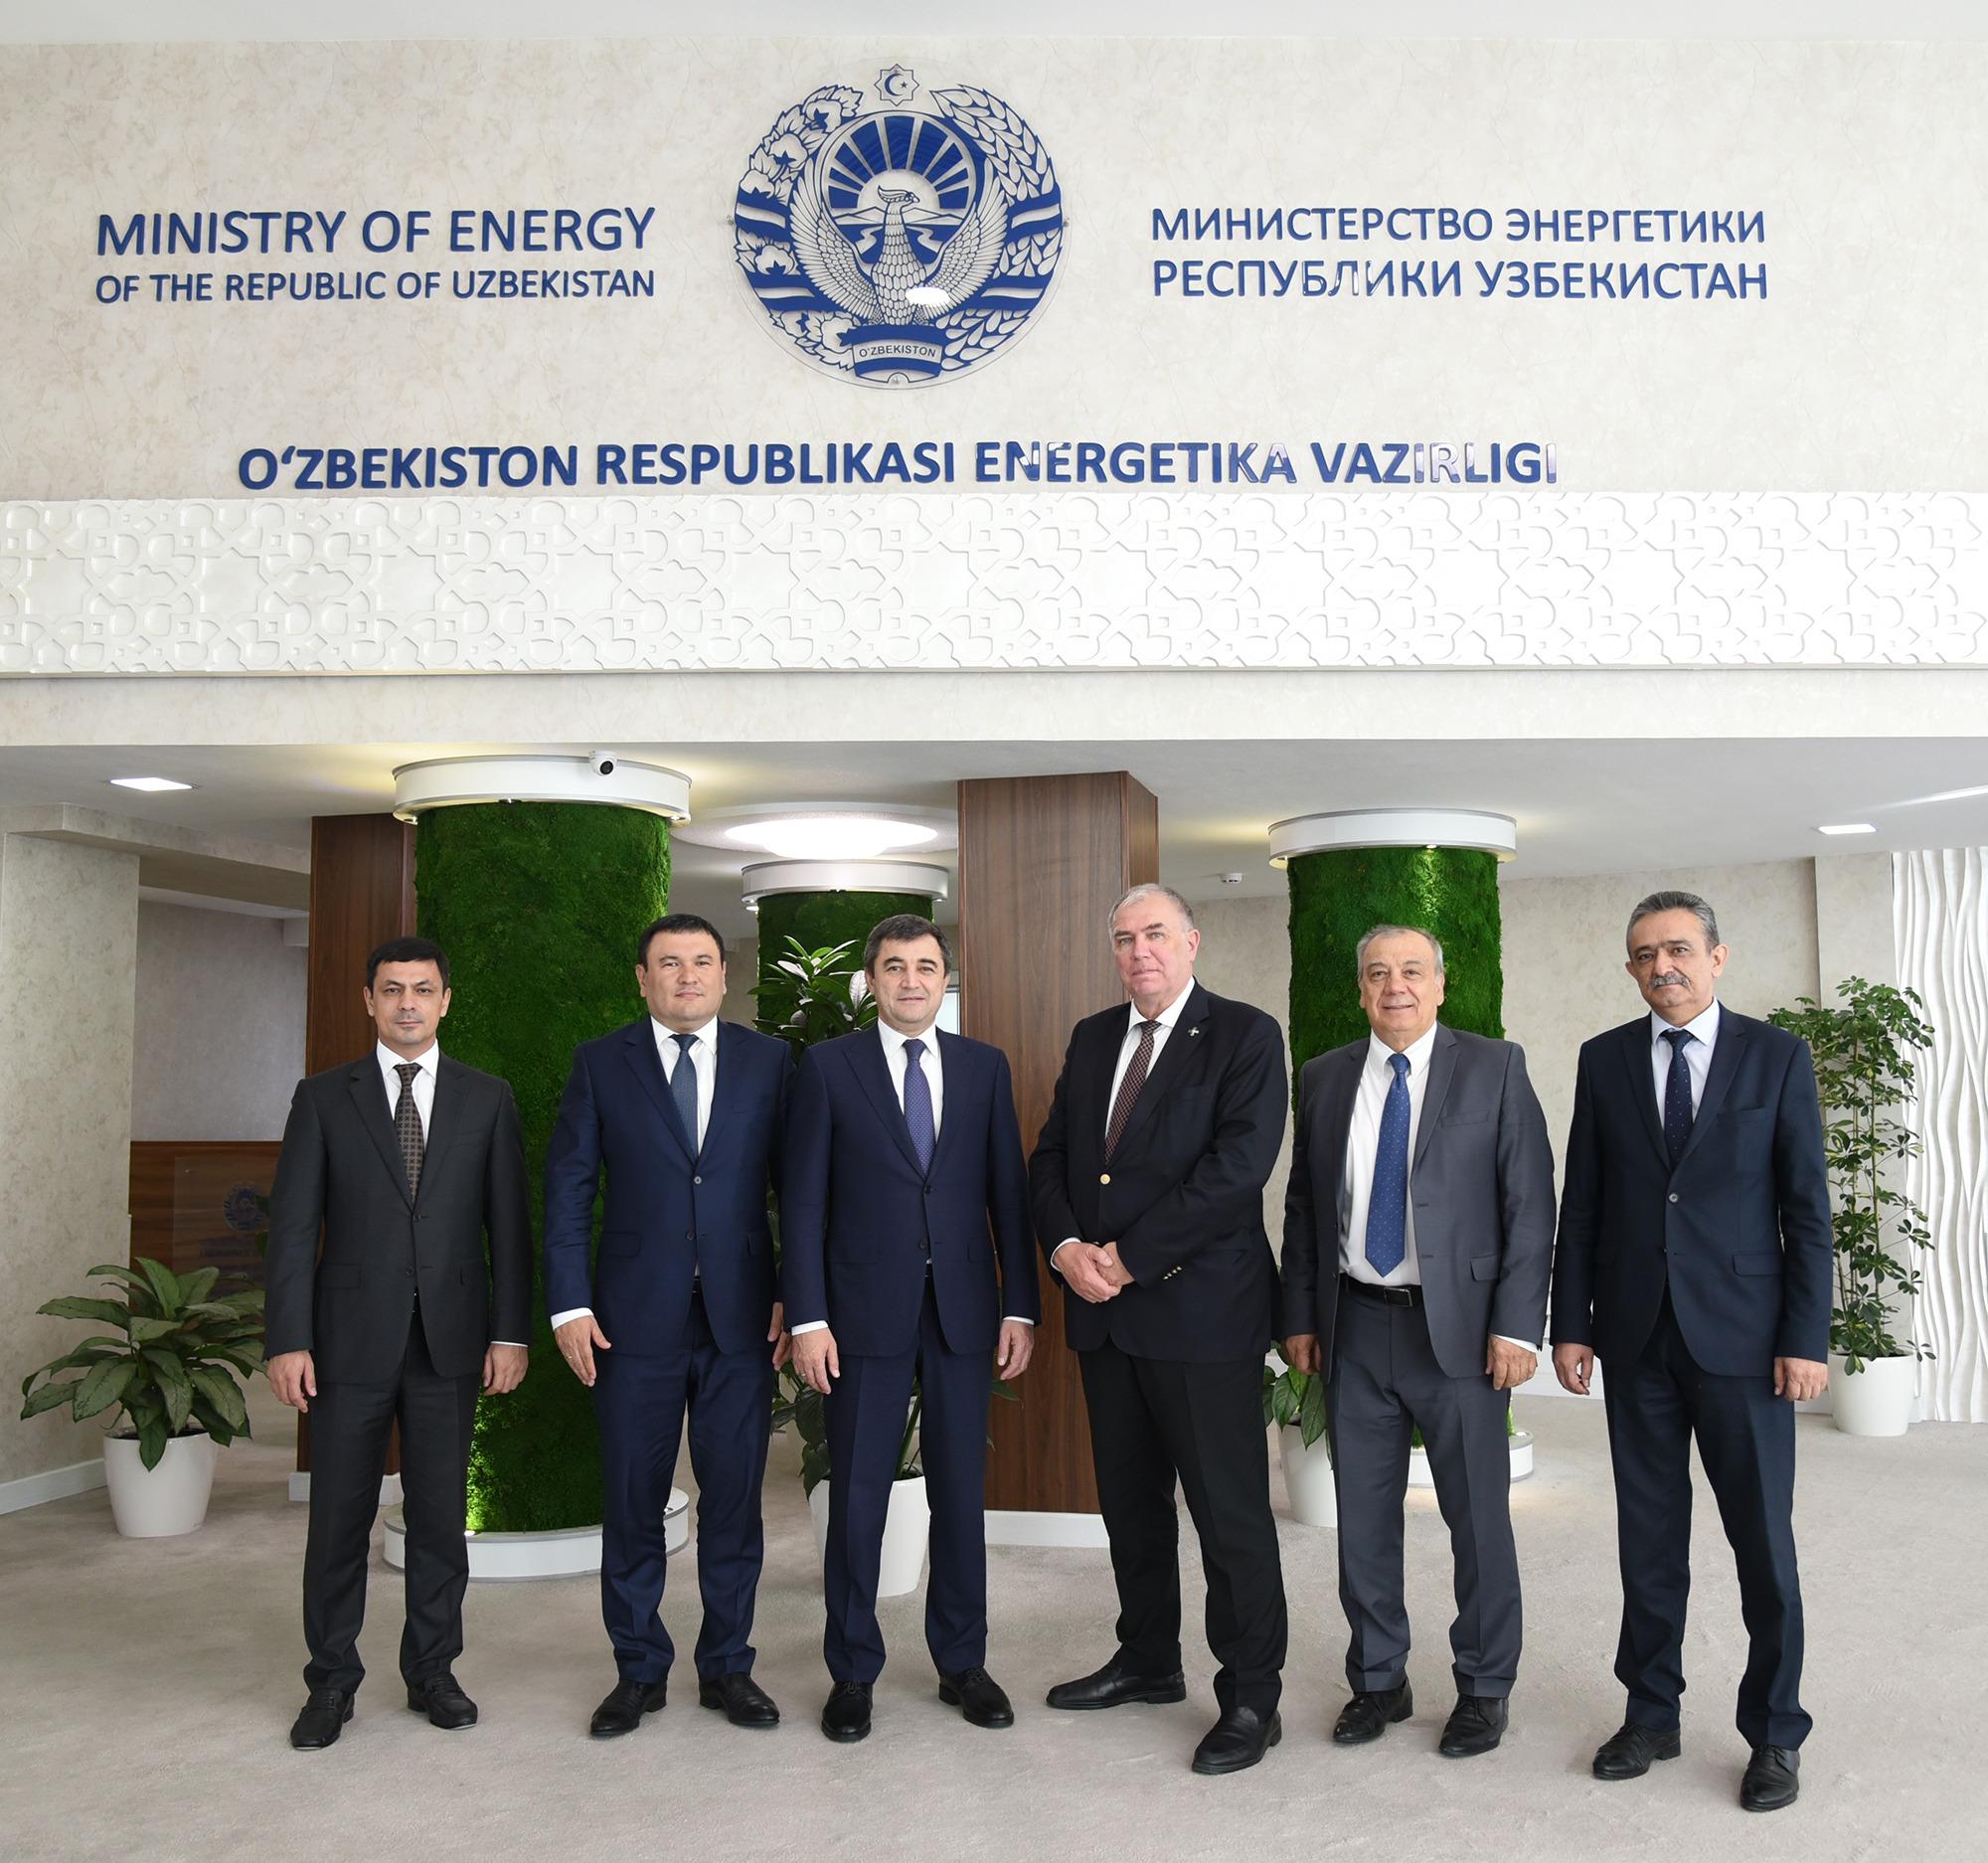 В Узбекистане идет подготовка к комплексному обзору ядерной инфраструктуры